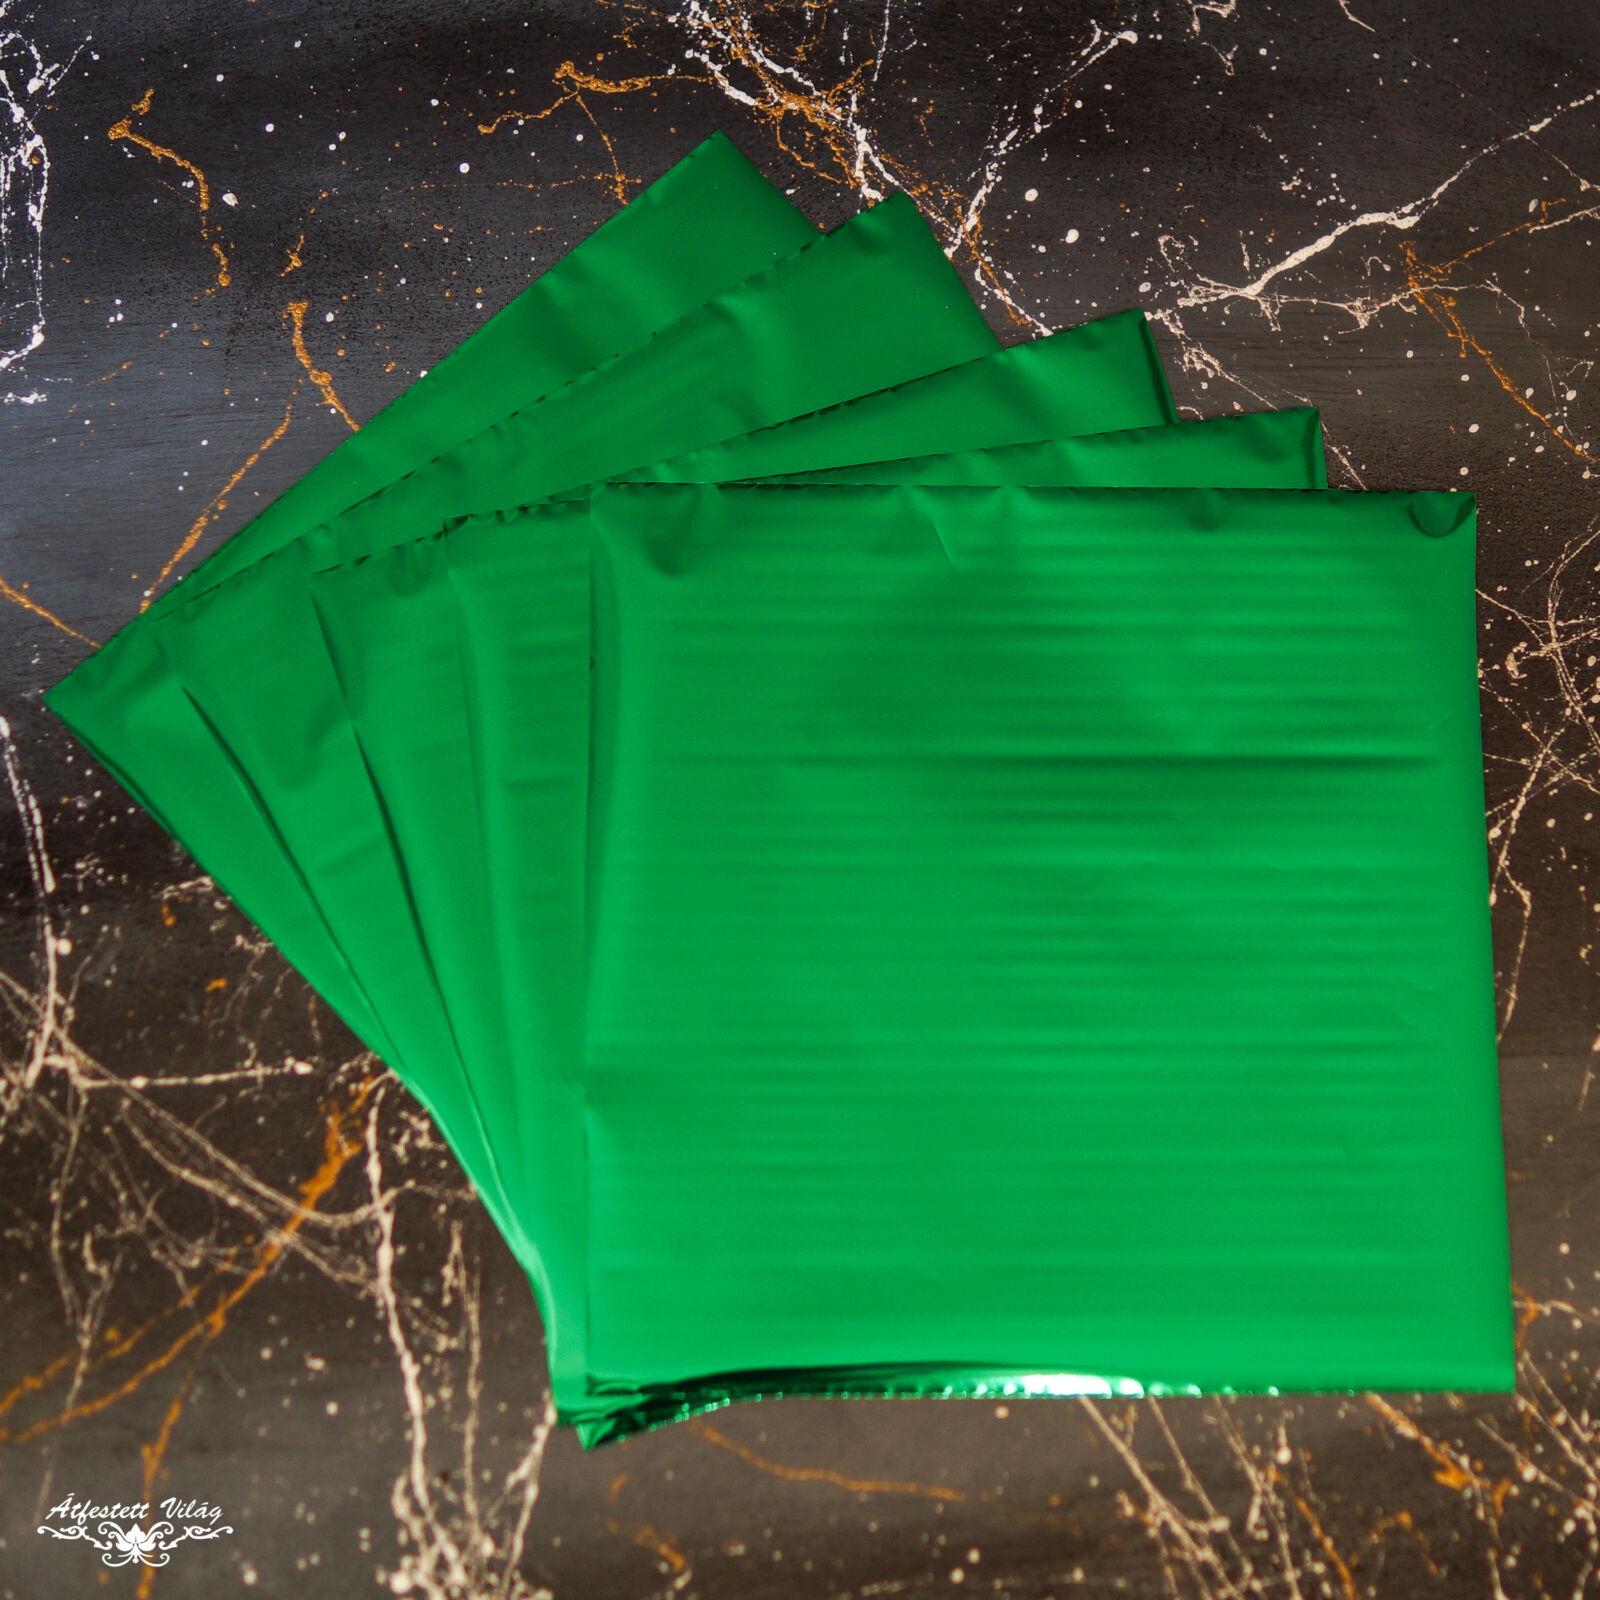 Füstfólia lap 1 darab [Zöld]